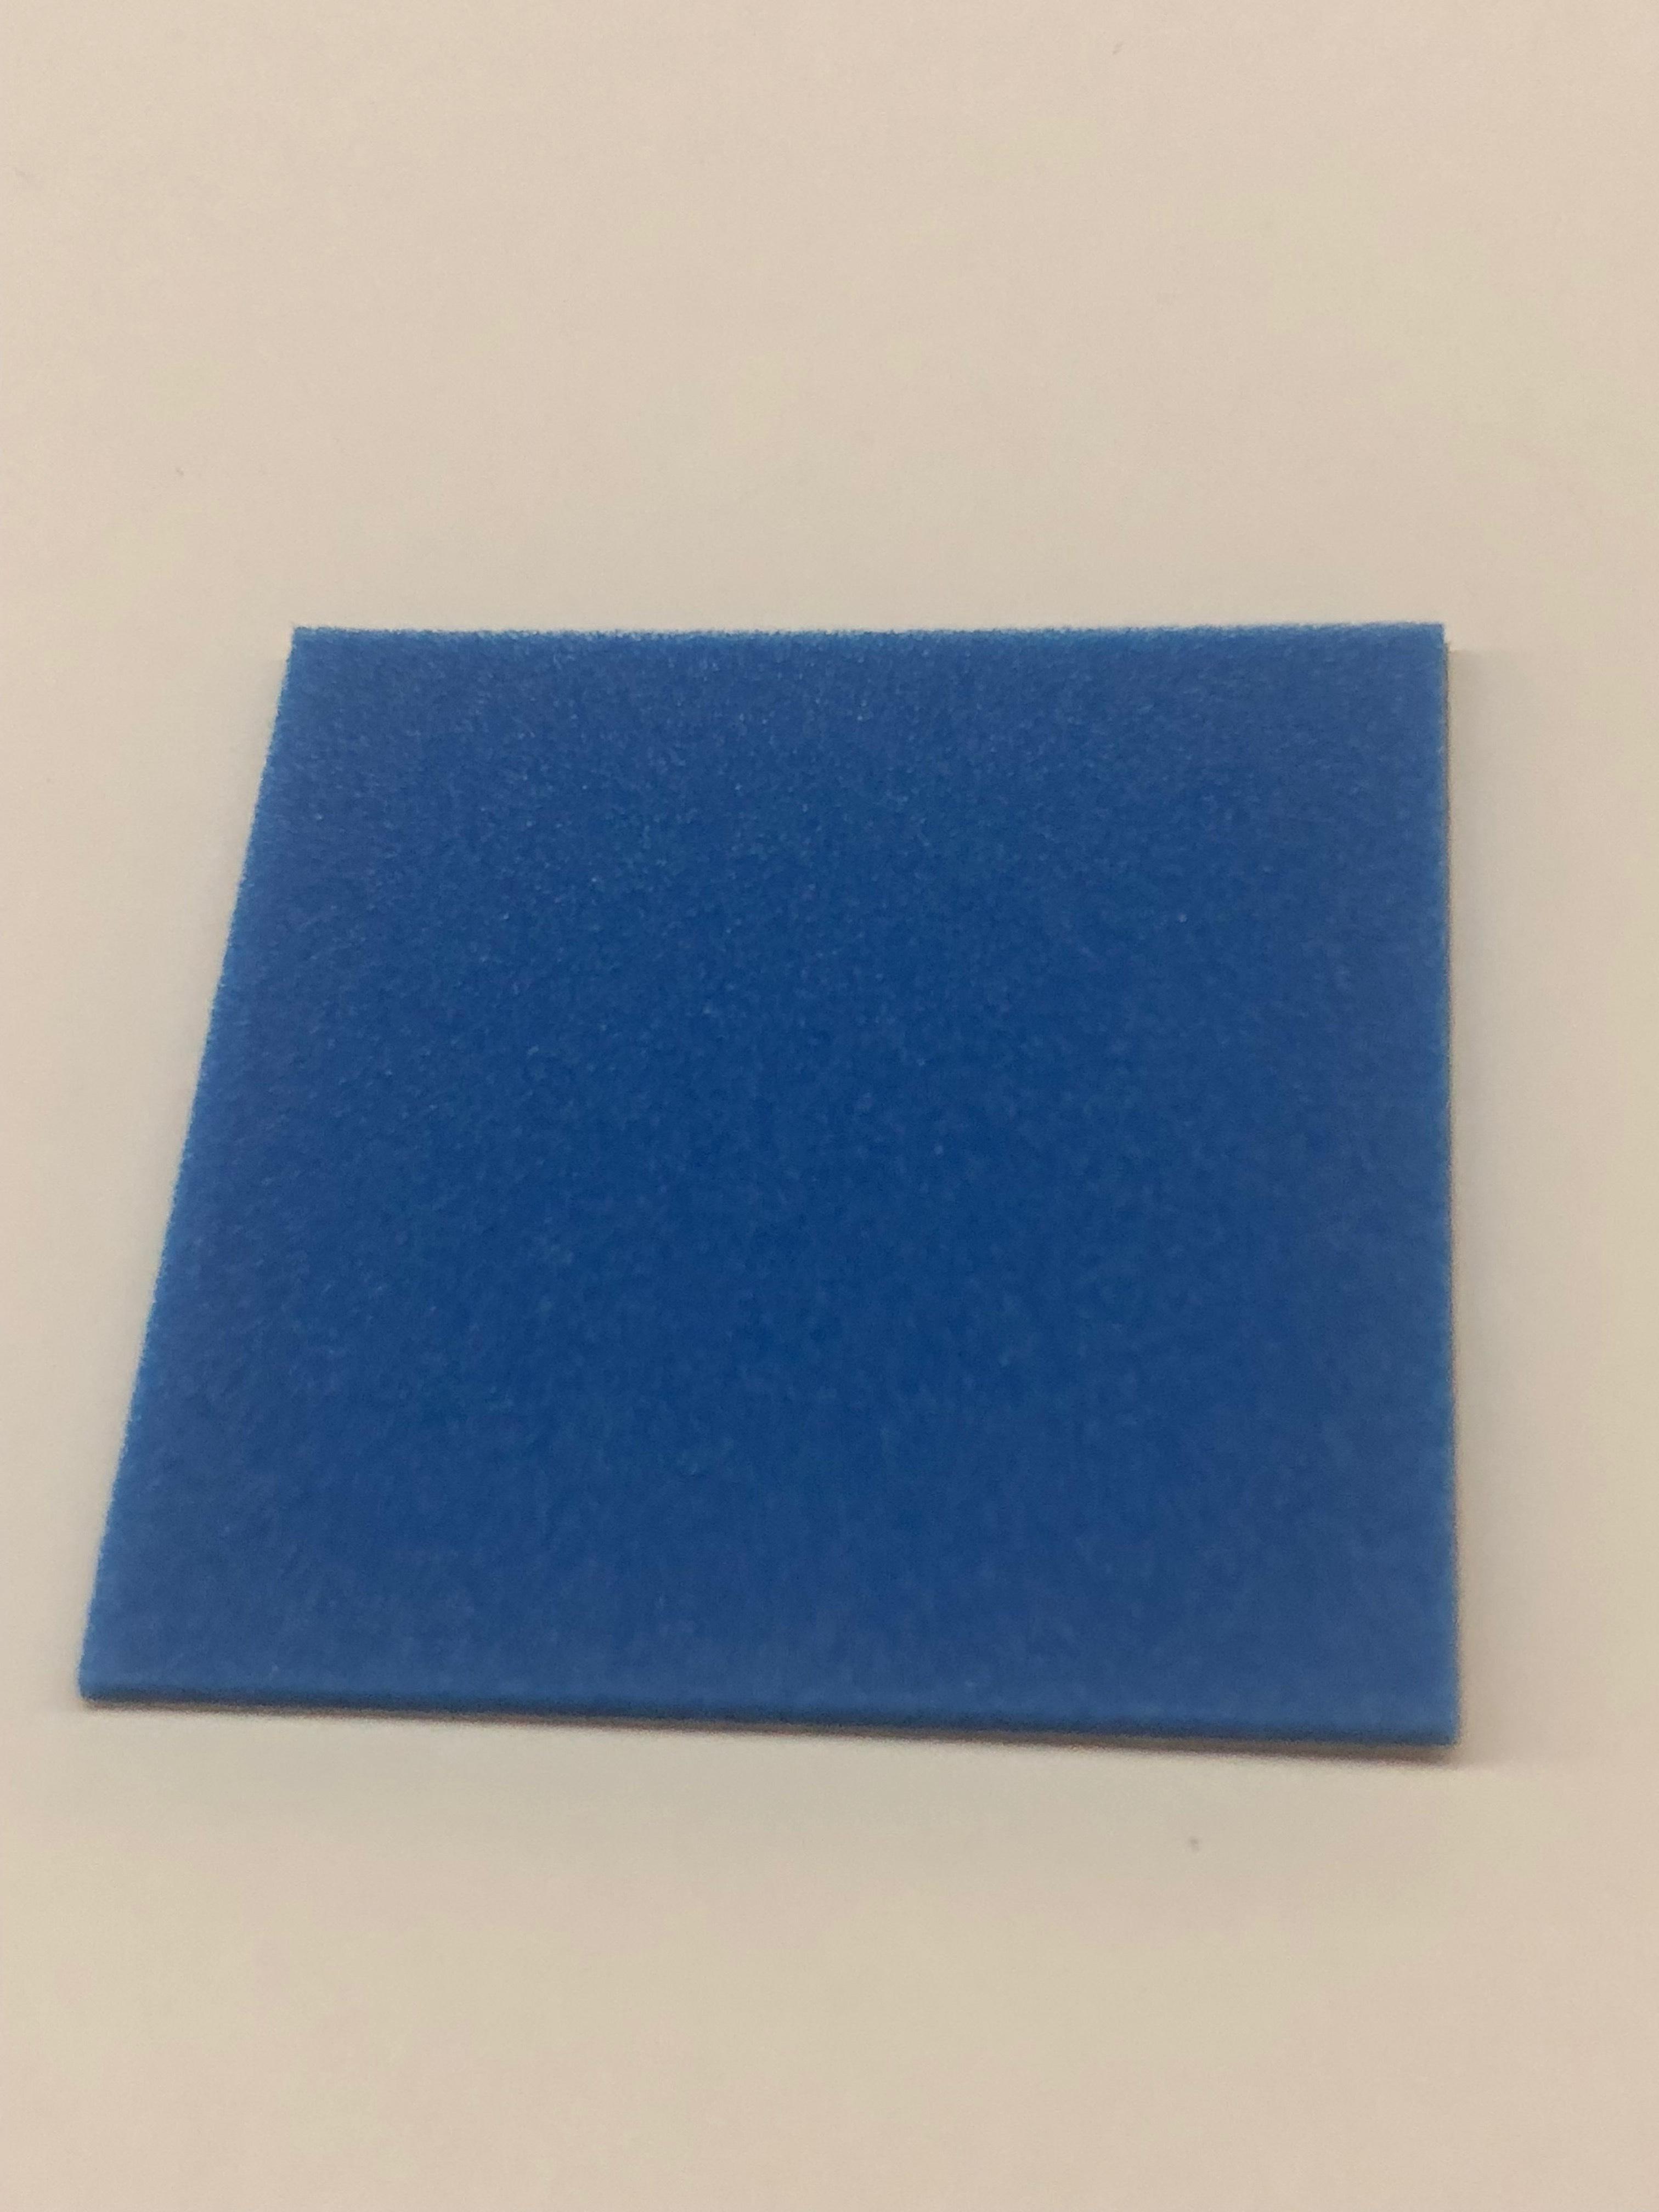 ブレーキスポンジ ブルー 2mm ハーフ